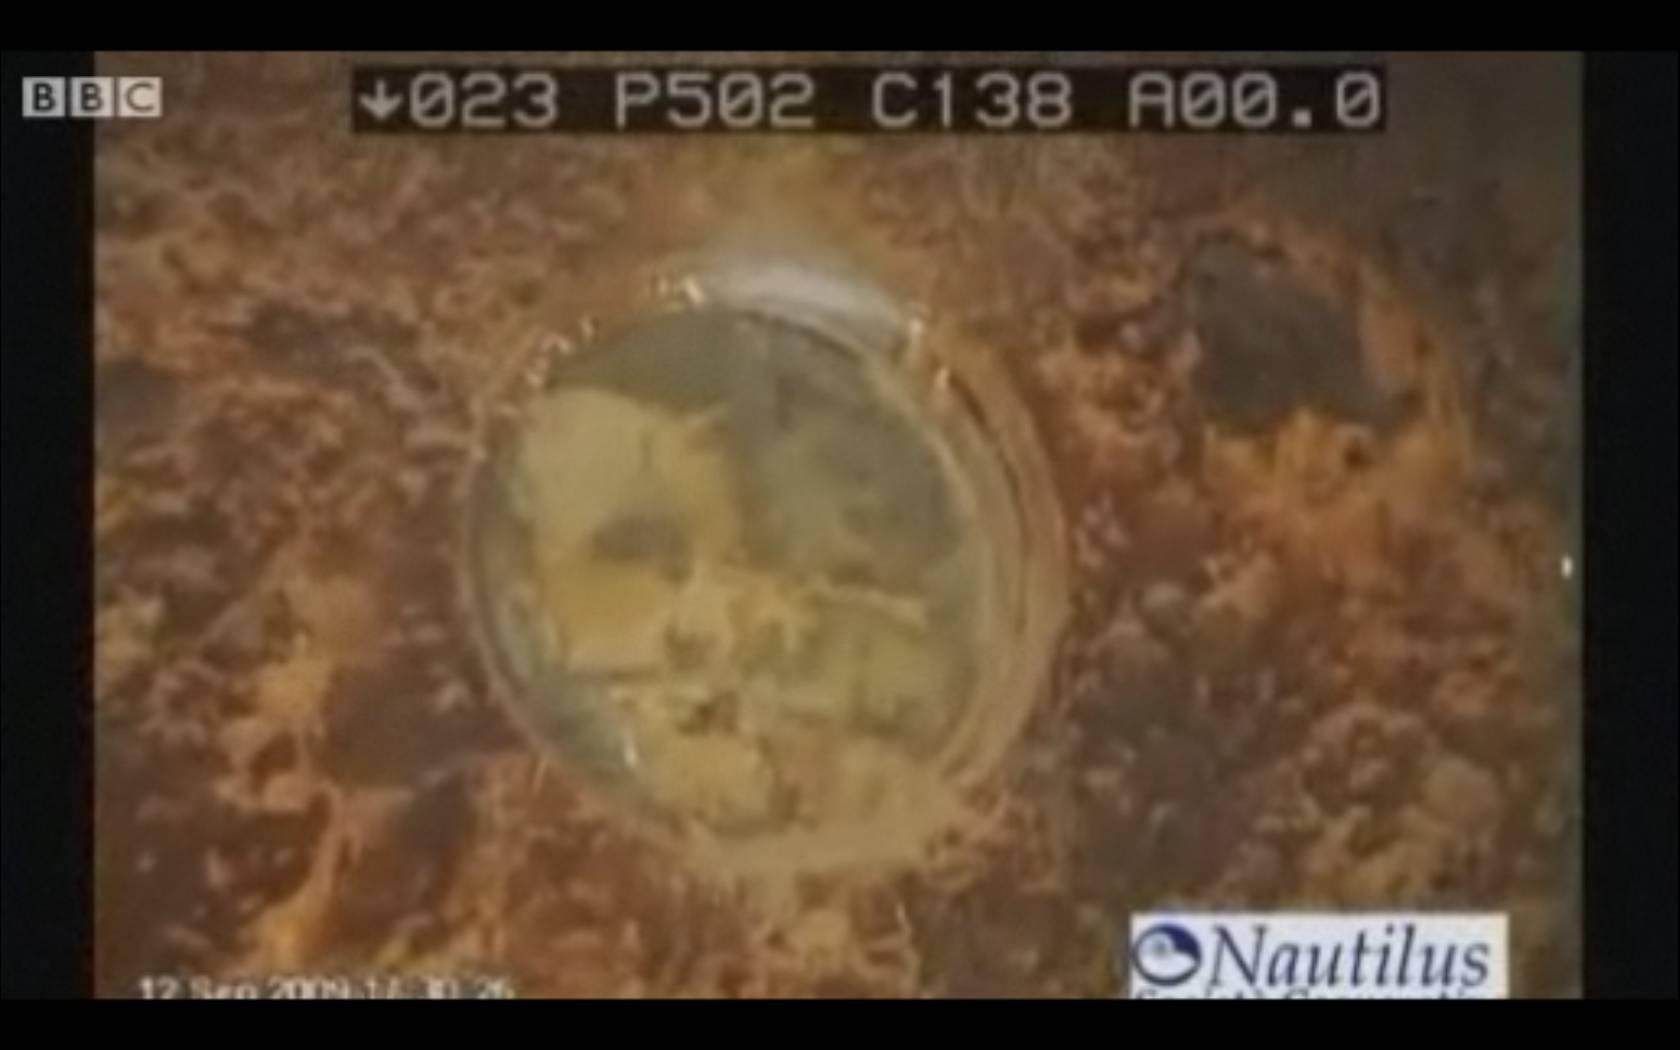 Robo-Sub Searches For Illegal Nuclear Waste in Mafia Shipwreck